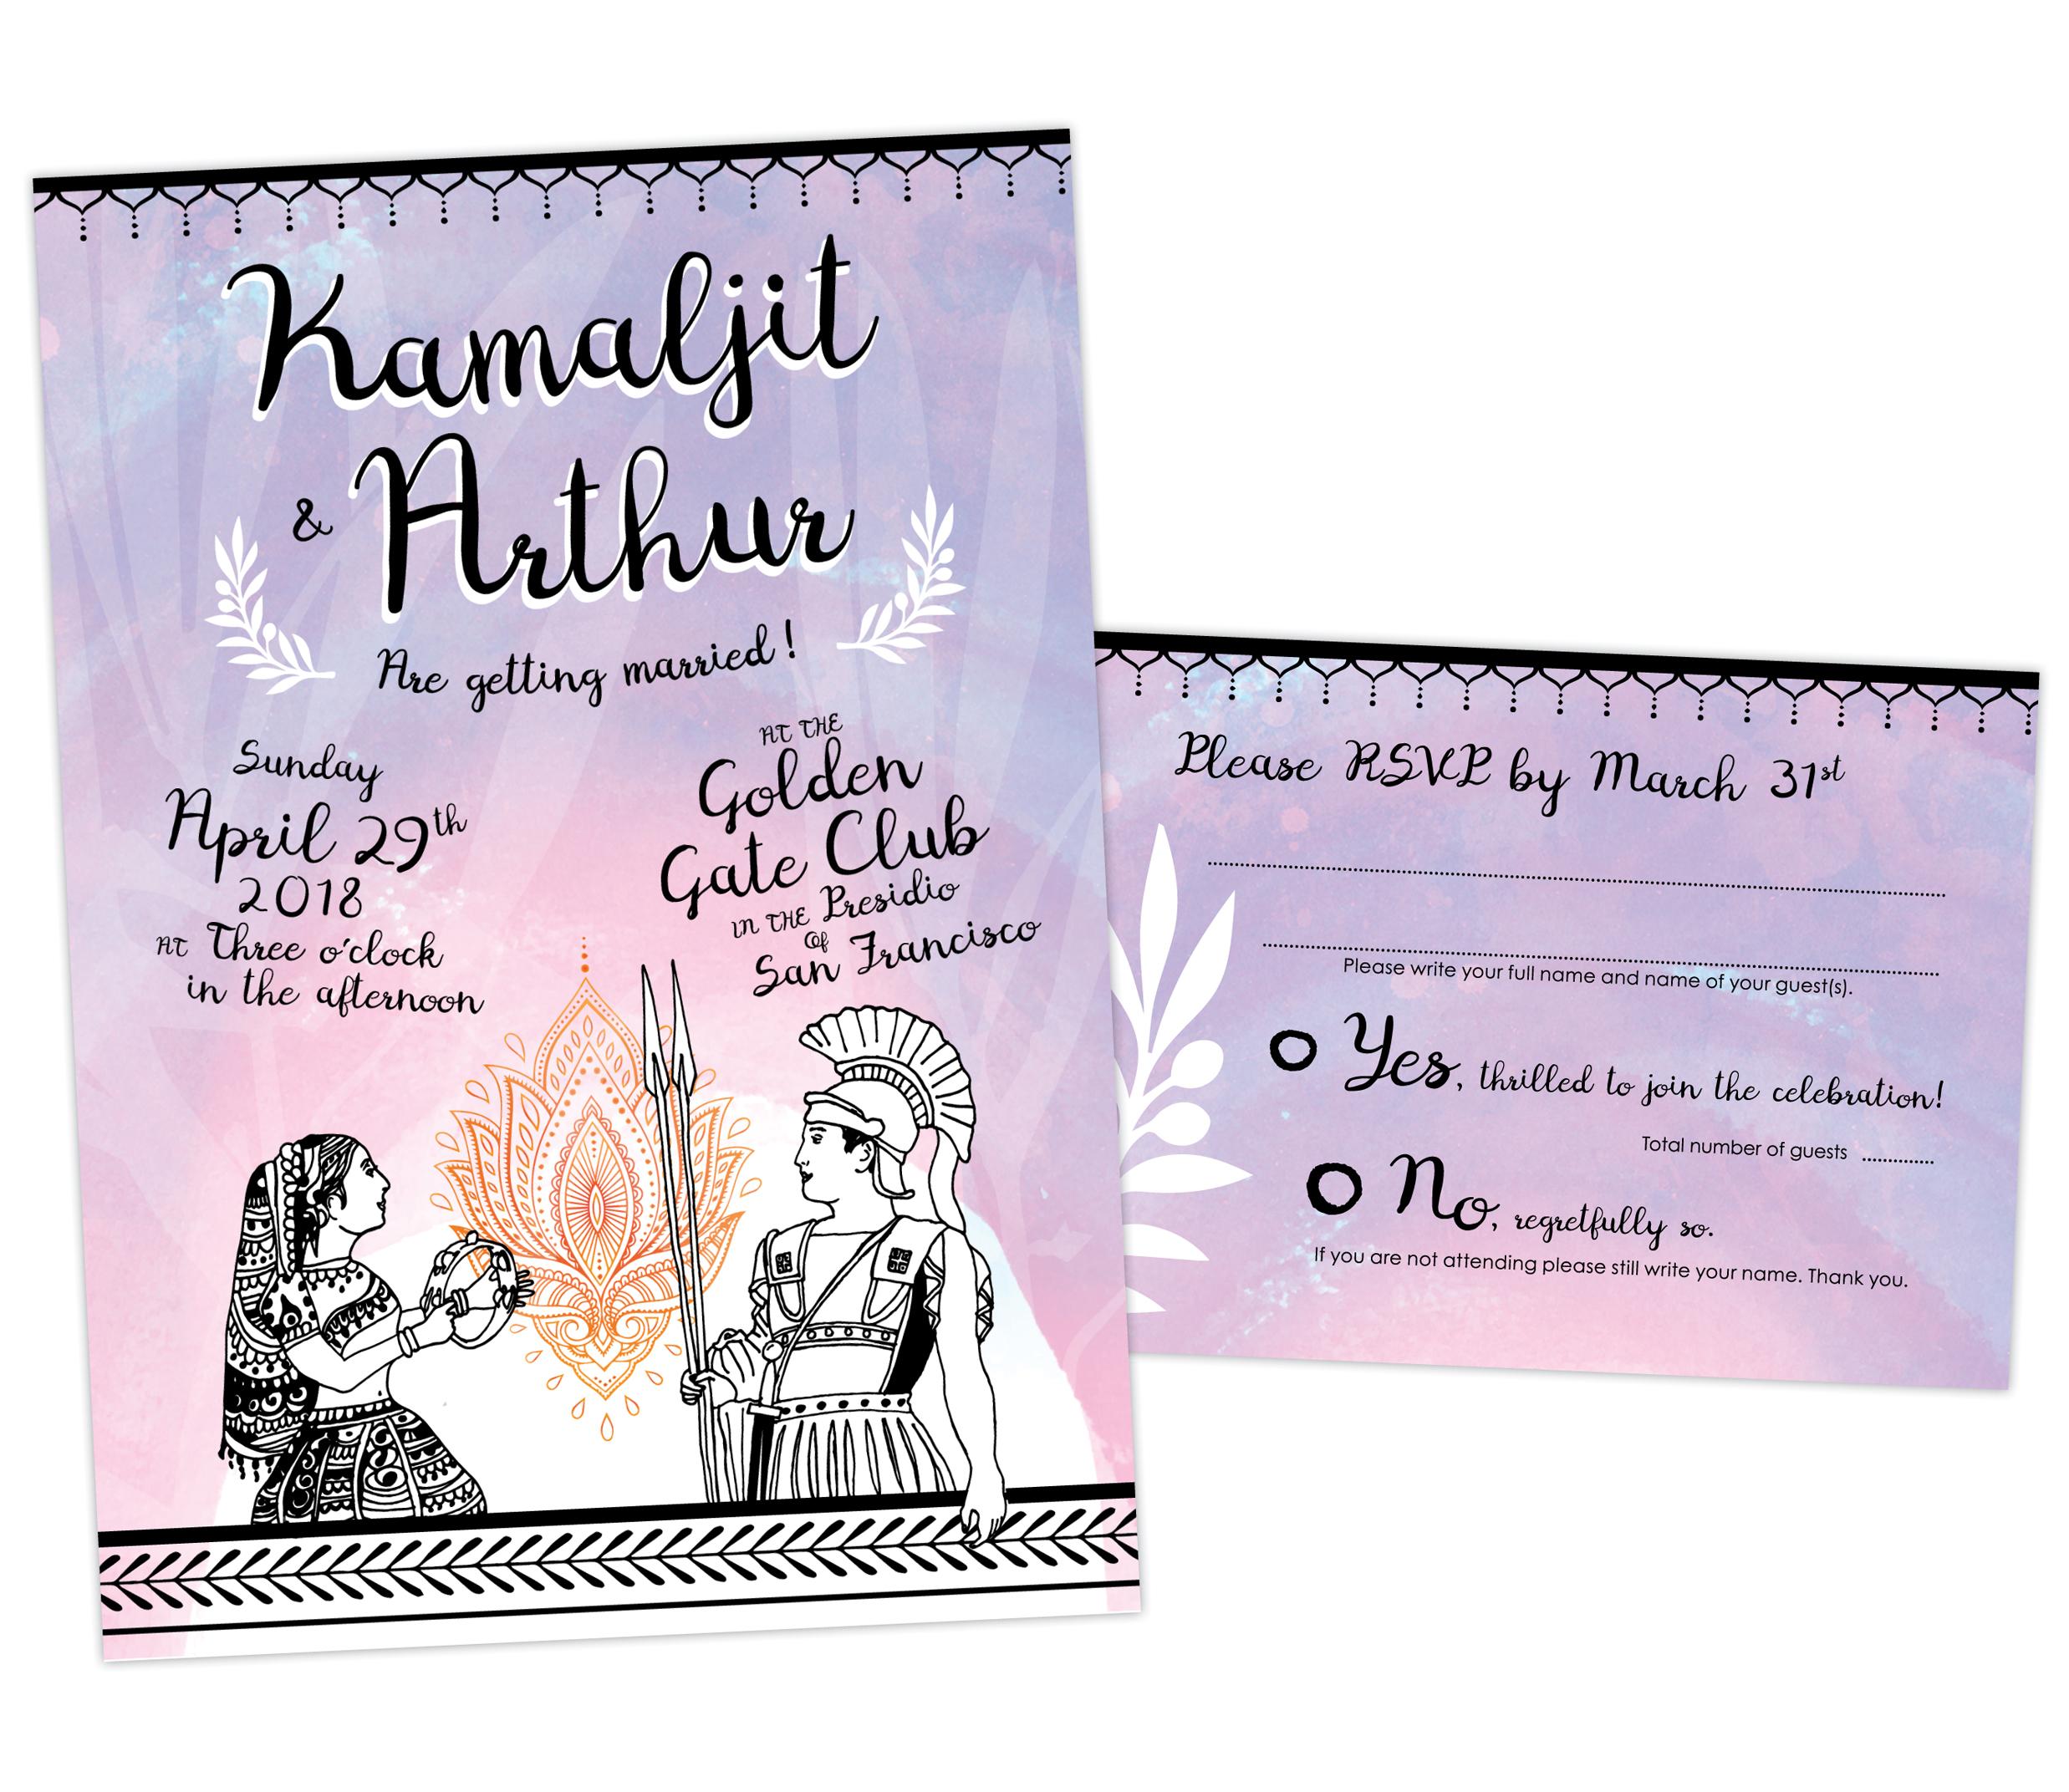 Kamaljit & Arthur Wedding Invitation